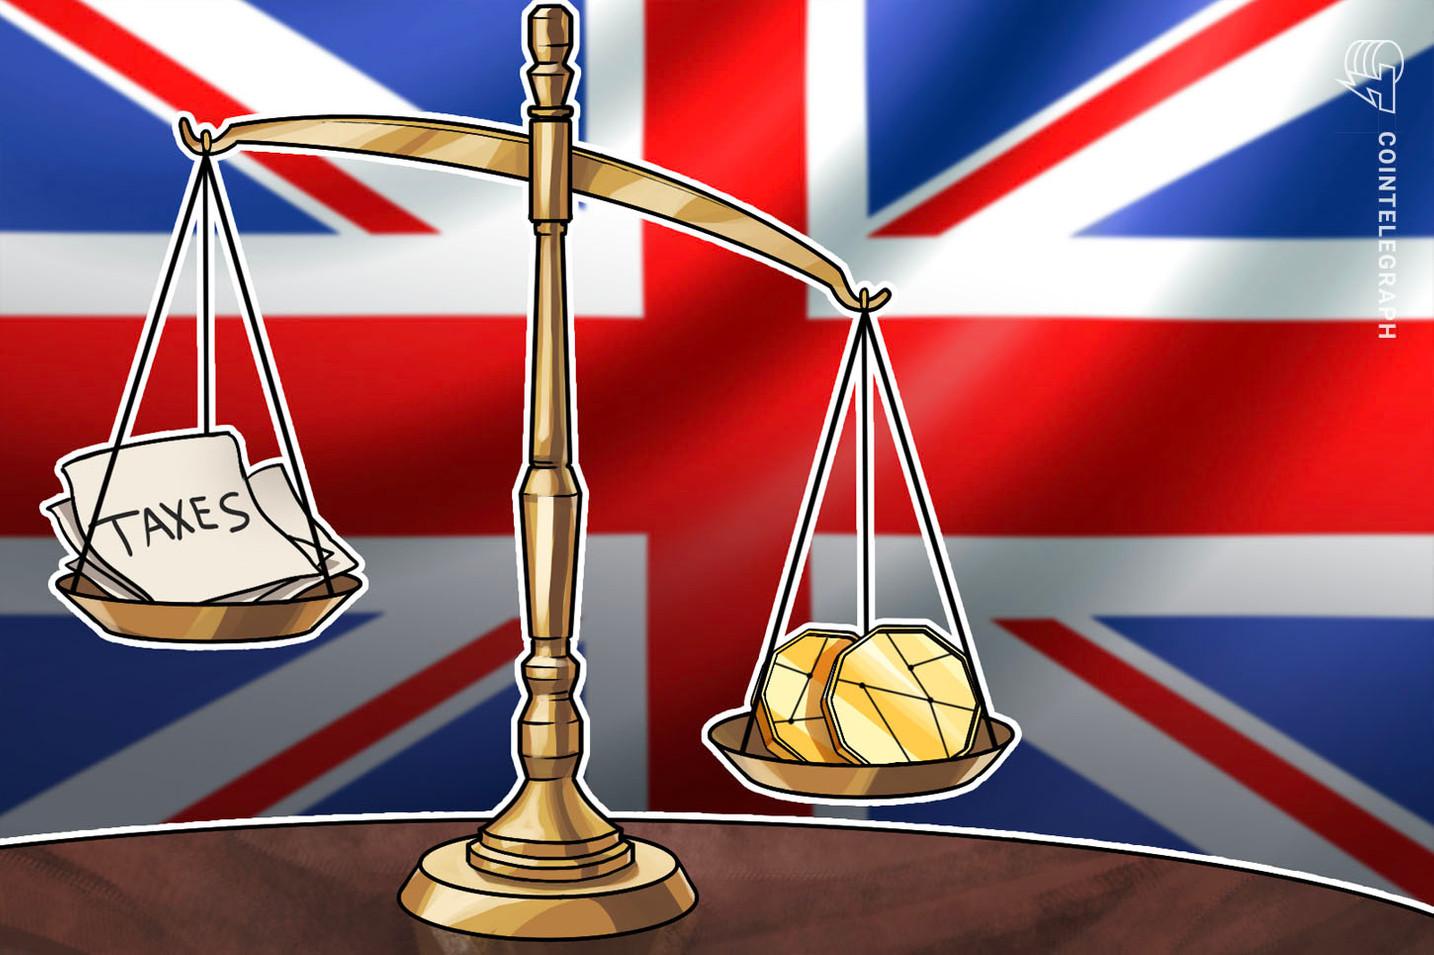 L'autorità fiscale britannica aggiorna le proprie linee guida sulle criptovalute: non è denaro